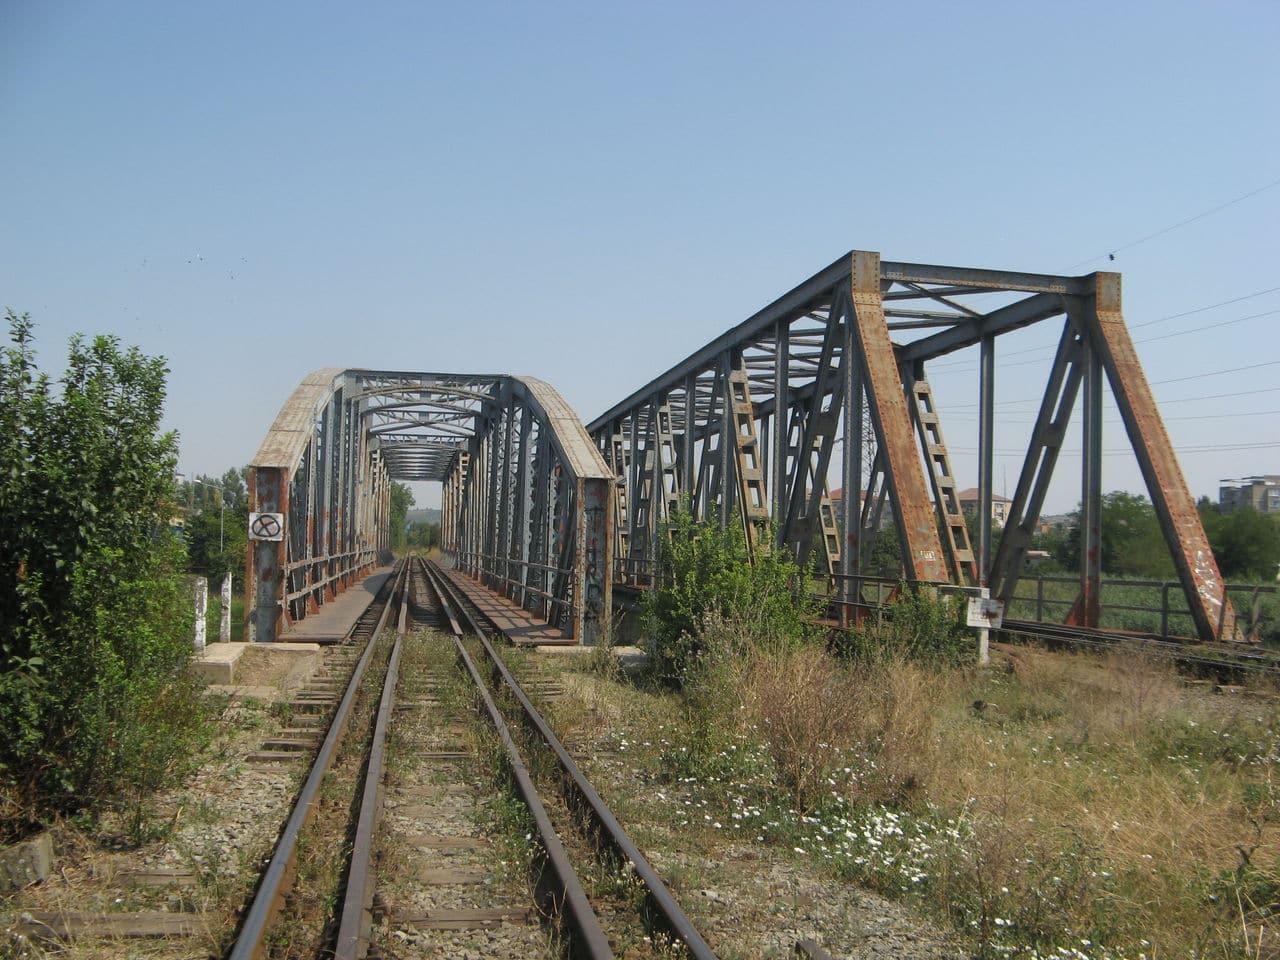 Calea ferată directă Oradea Vest - Episcopia Bihor IMG_0013